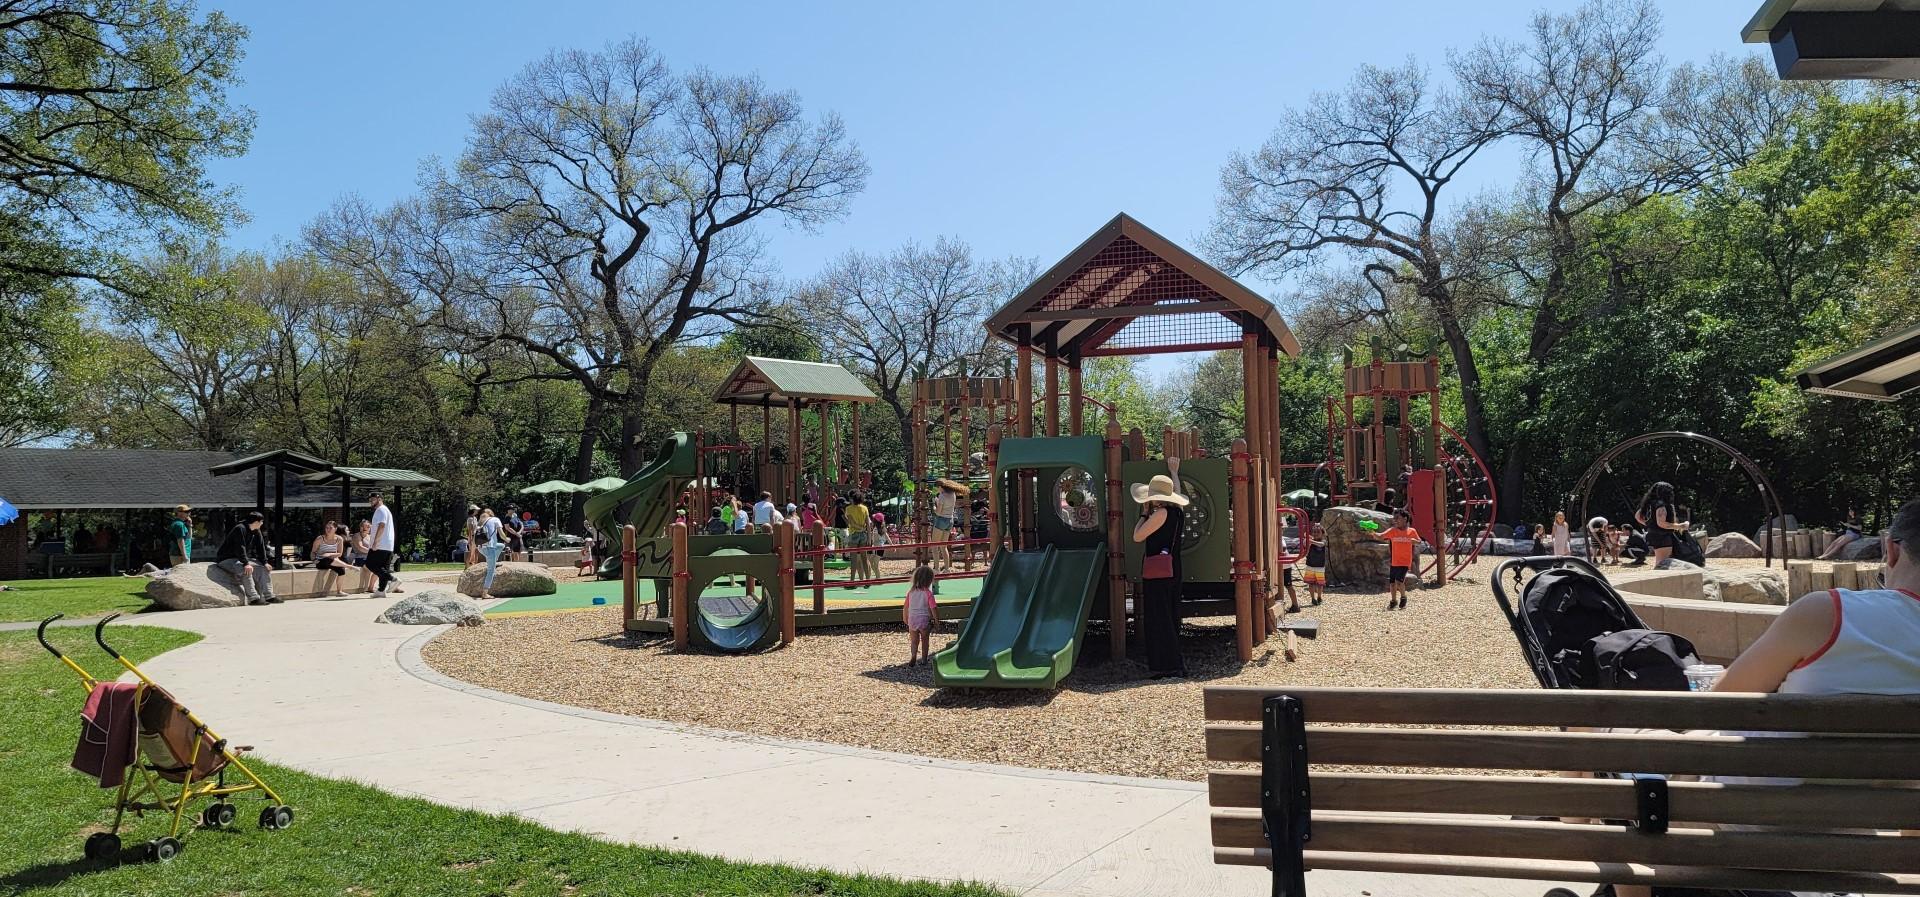 playground at high park with kids running around